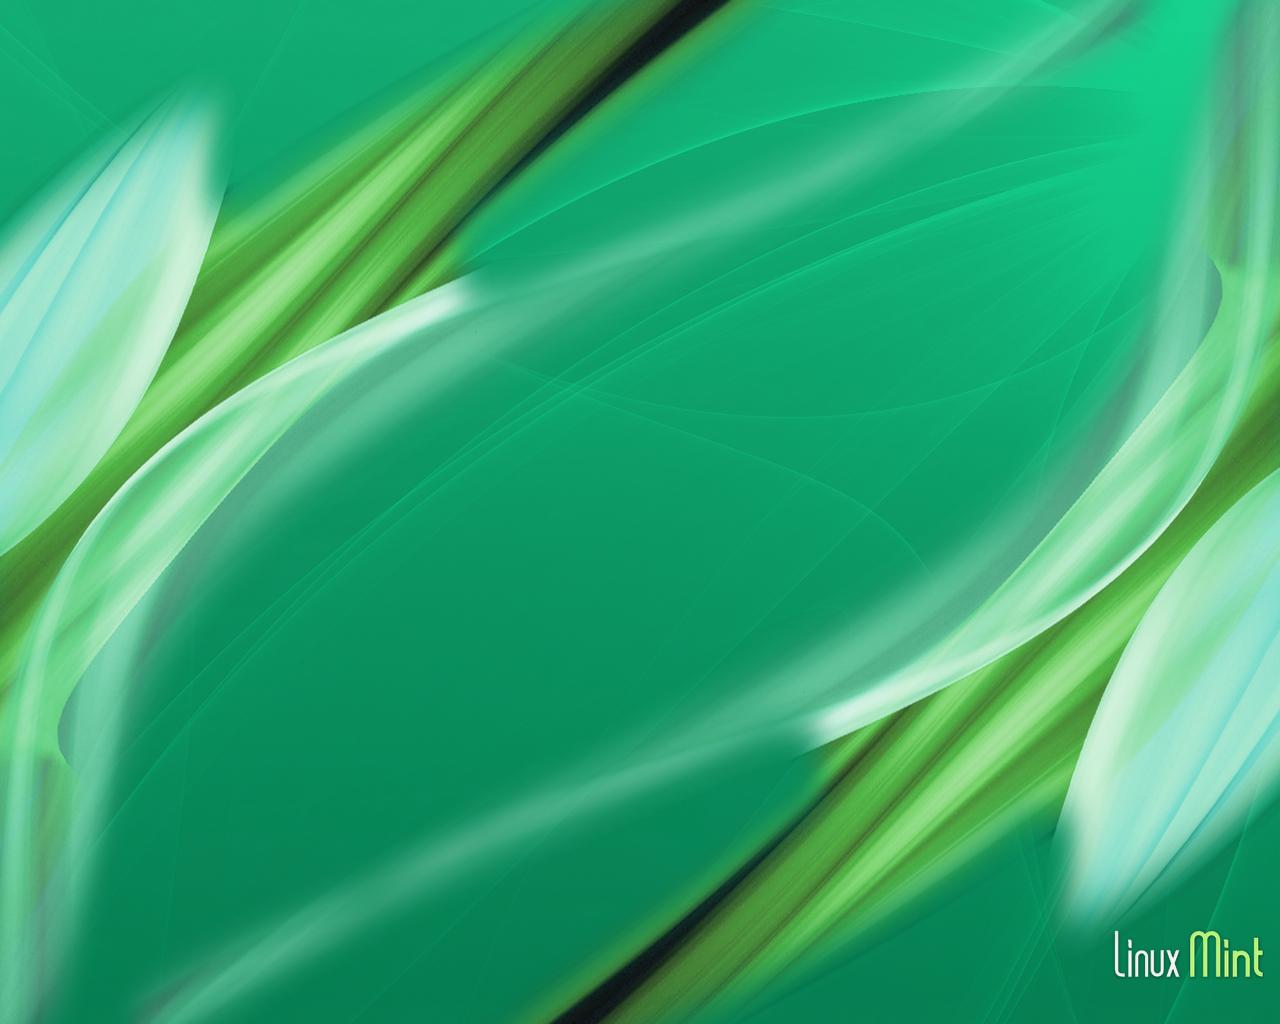 Linux Mint Forums 1280x1024